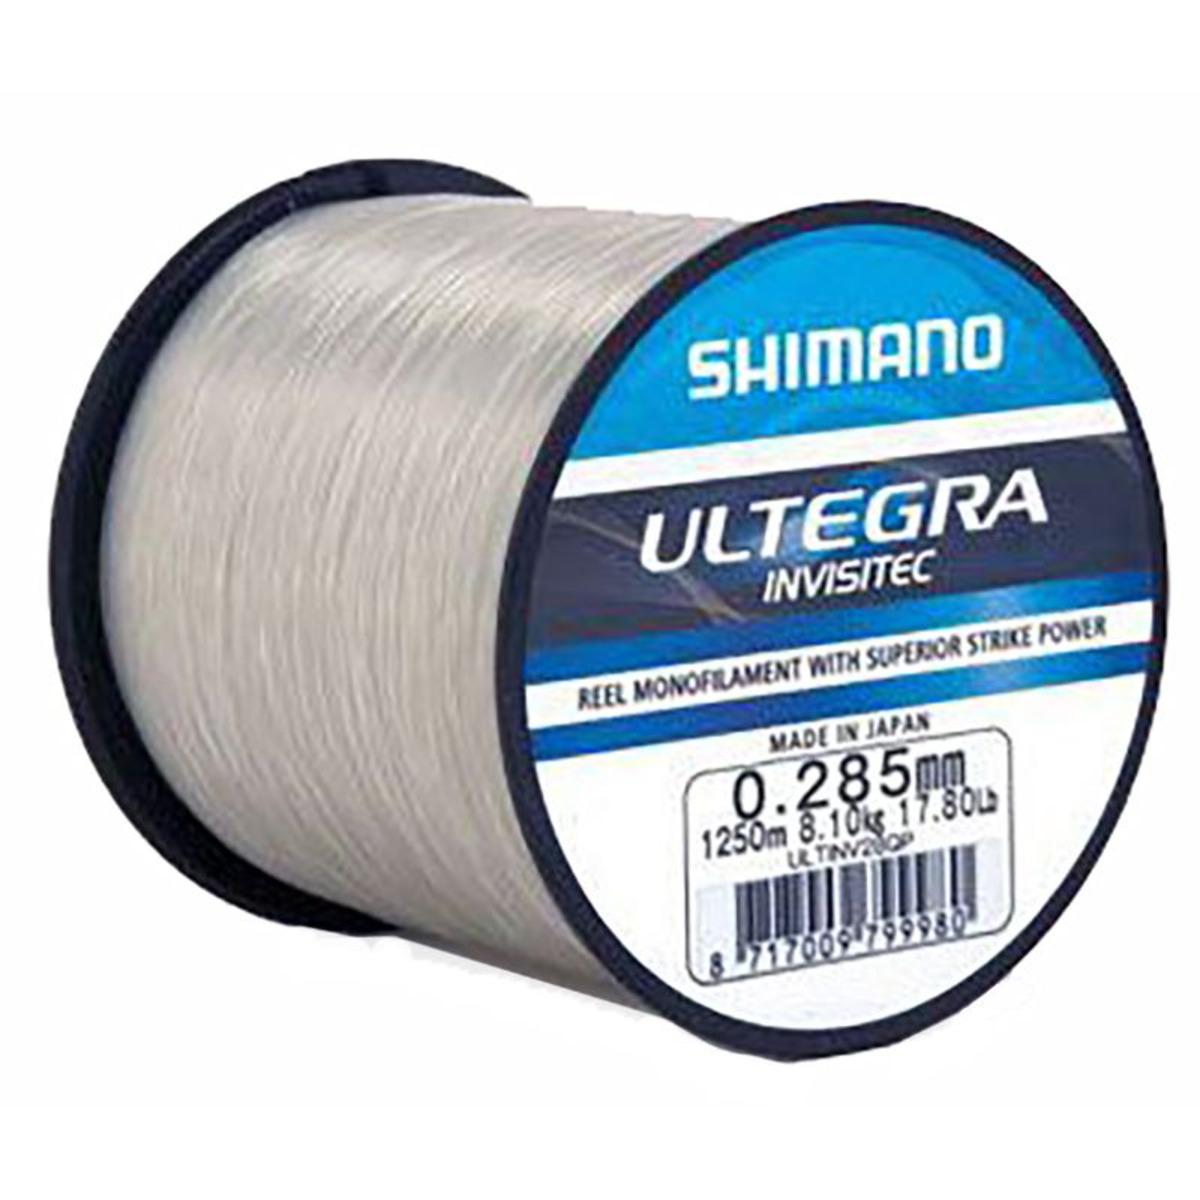 Shimano Ultegra Invisitec QP - 0.405 mm - 620 m